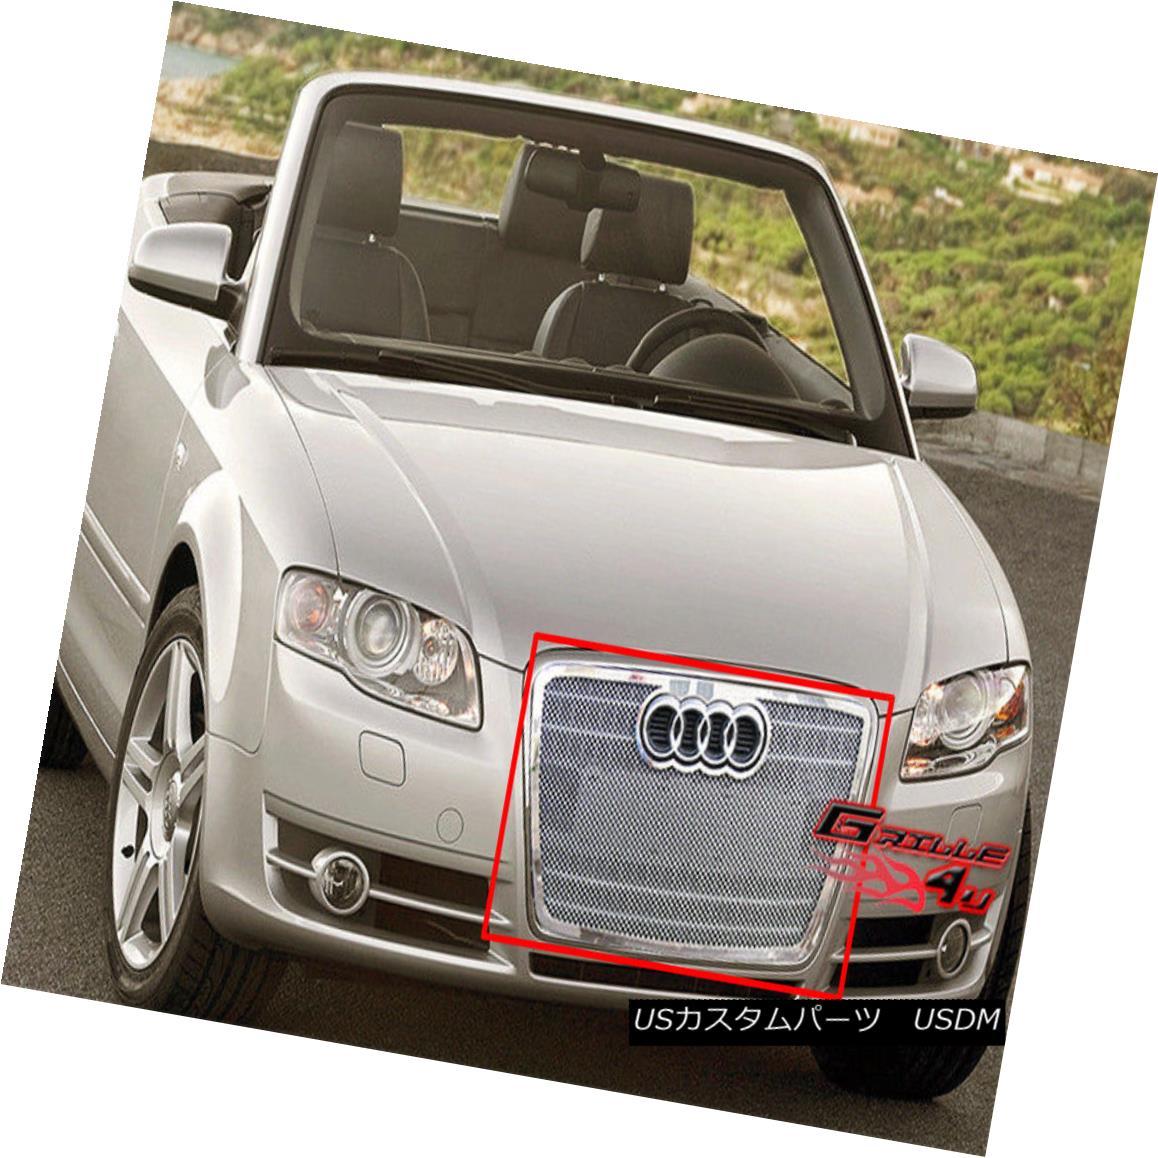 グリル For 06-07 Audi A4 Stainless Steel Mesh Grille Insert 06-07 Audi A4ステンレスメッシュグリルインサート